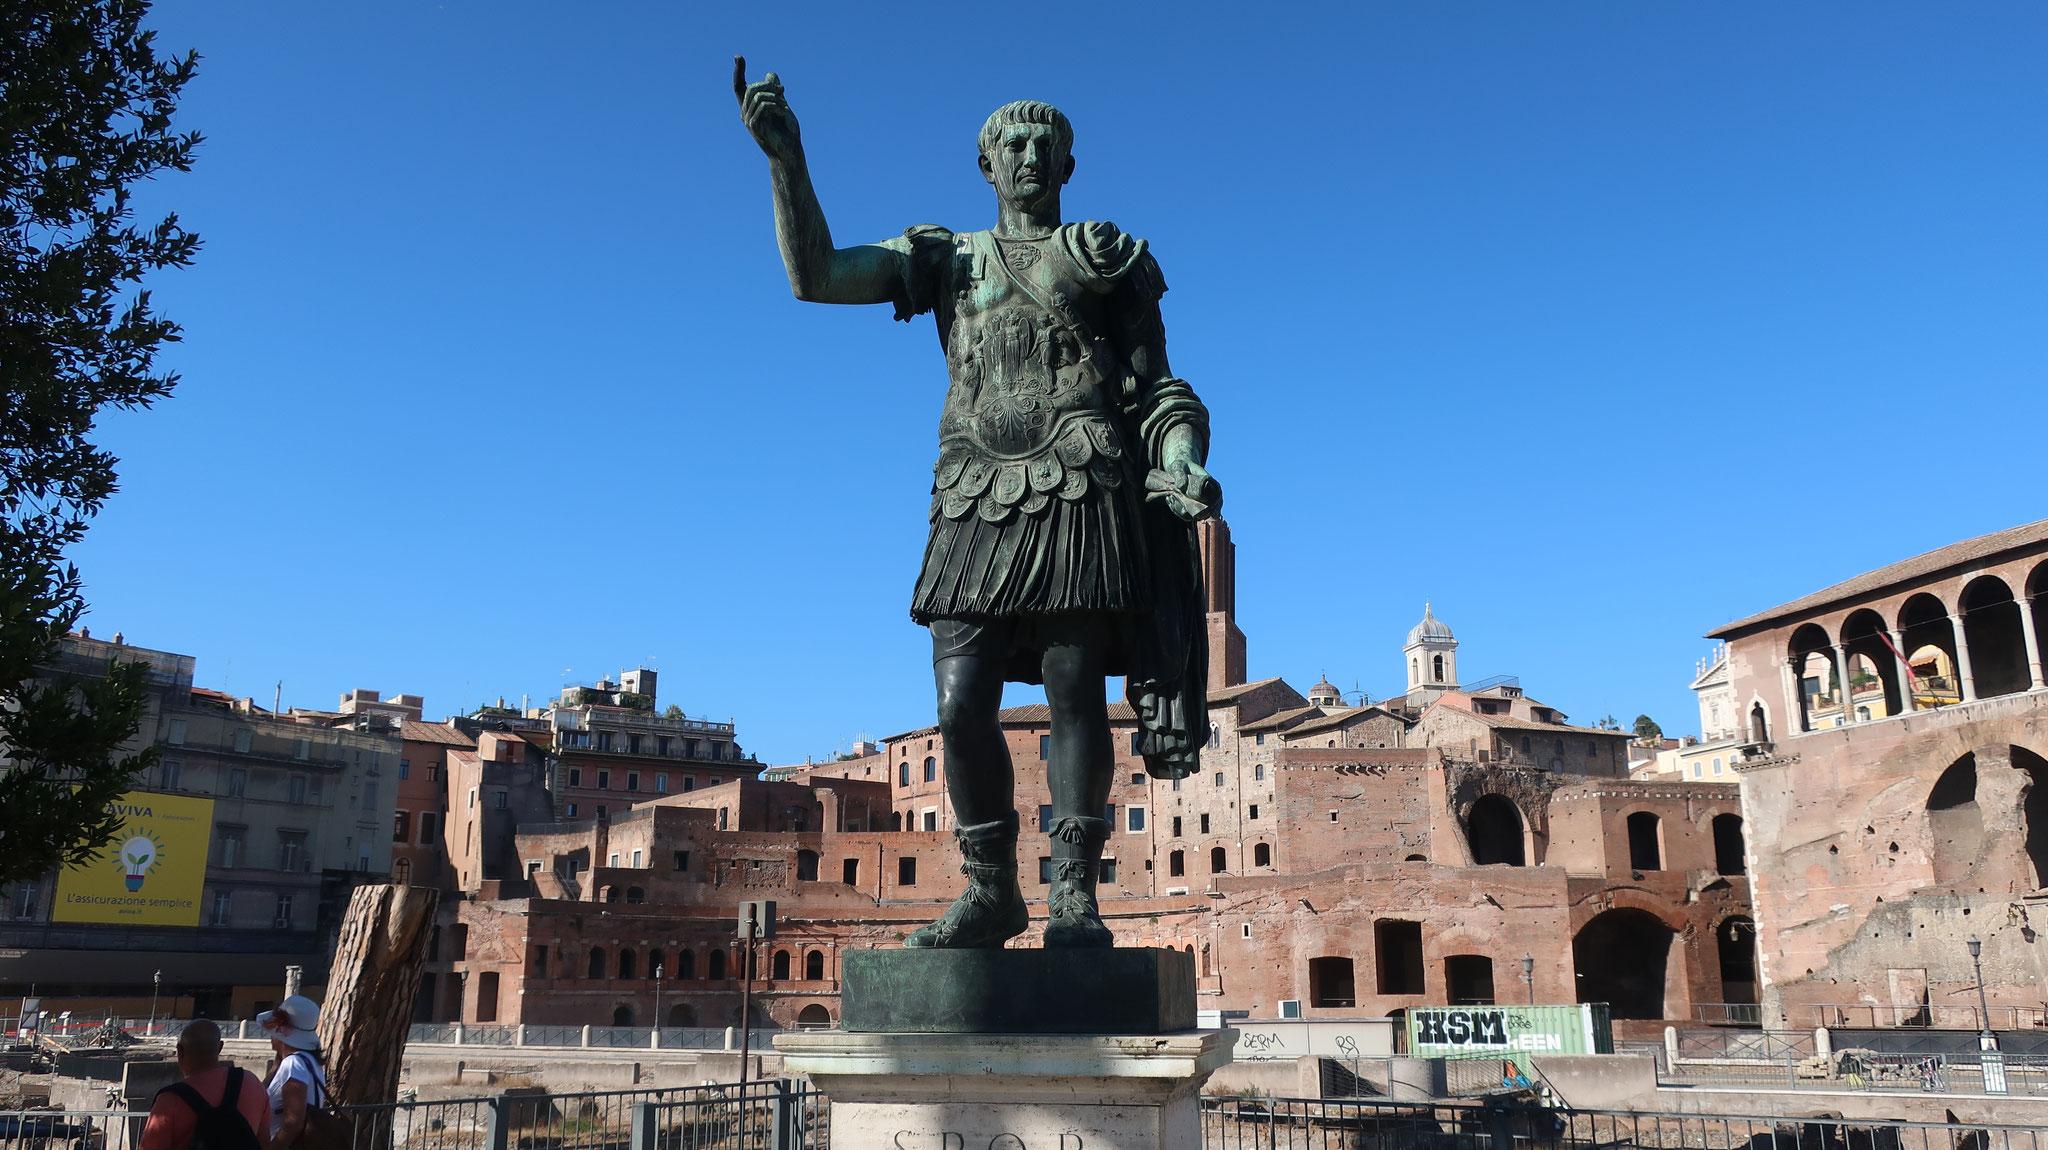 トラヤヌス帝。紀元1-2世紀、ローマ帝国史上最大の版図を現出しました。五賢帝の一人。